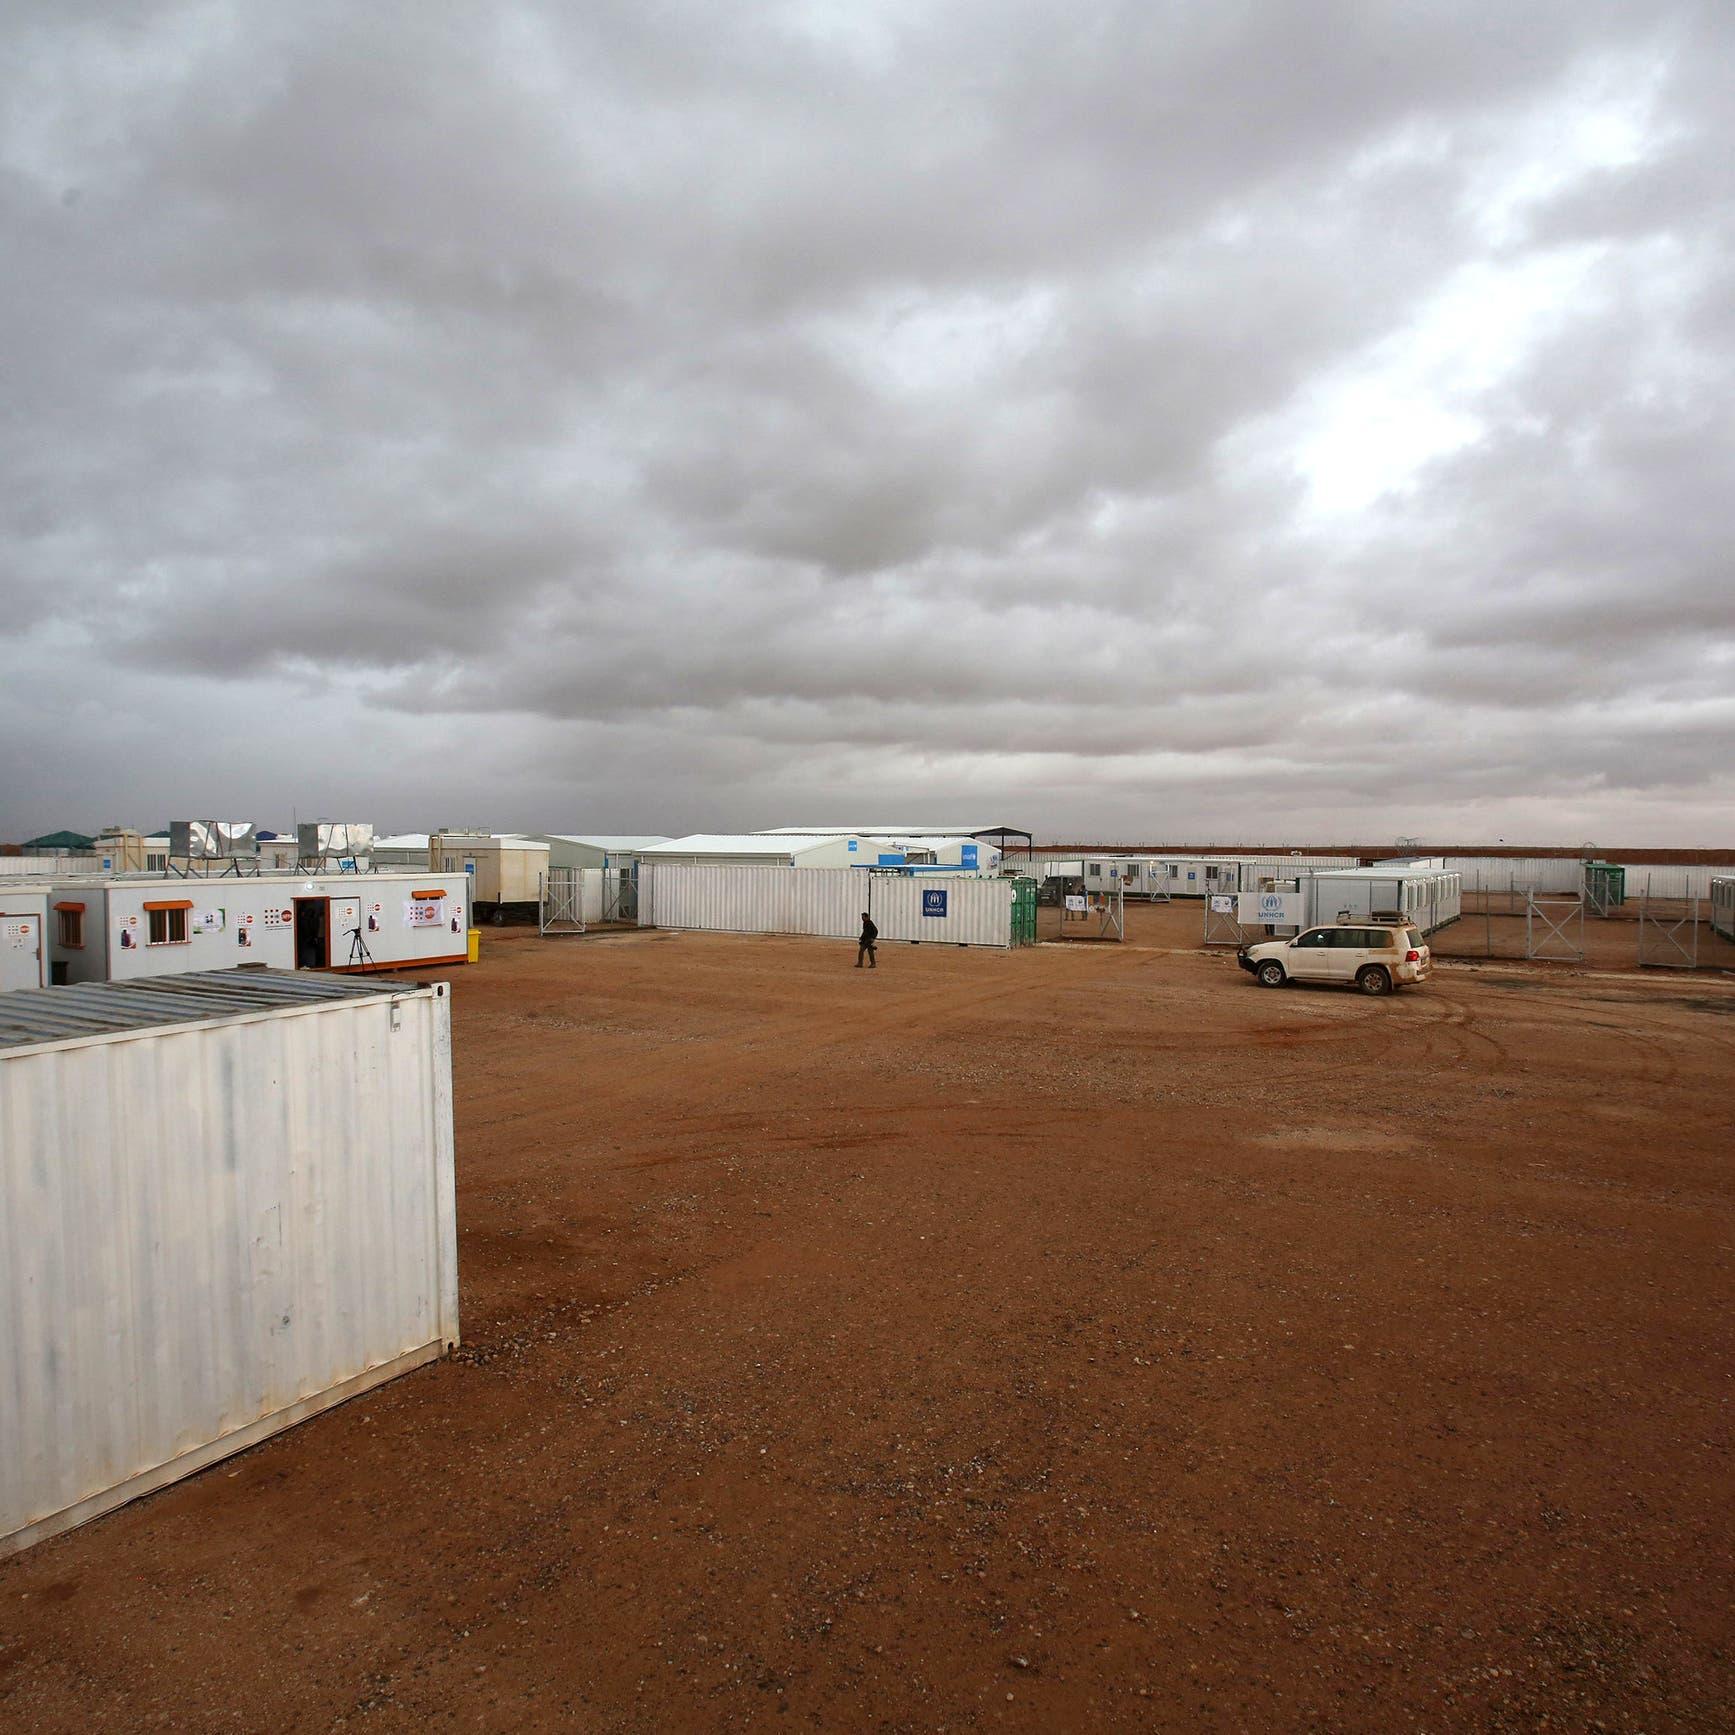 الأردن: إدخال مساعدات لمخيم الركبان مسؤولية أممية سورية